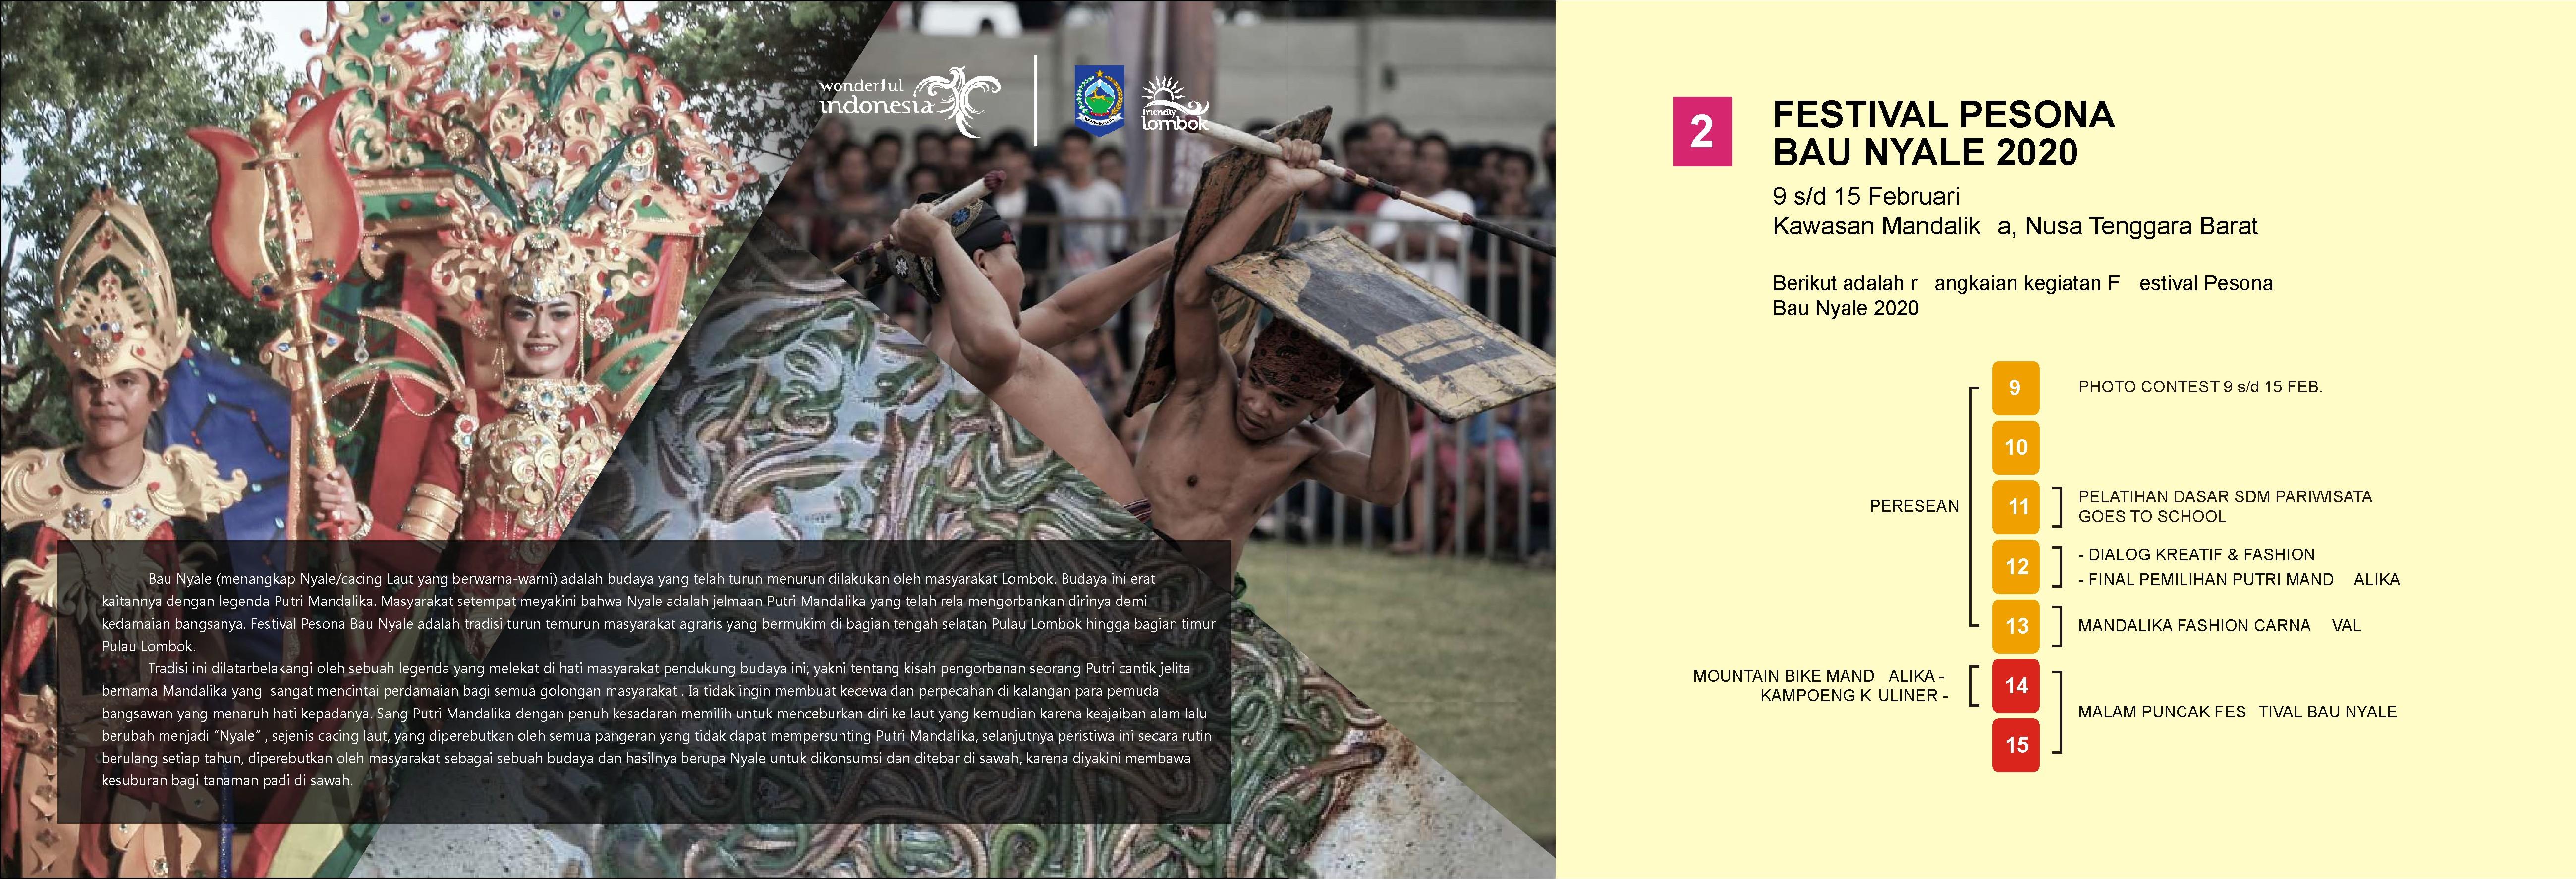 FESTIVAL_PESONA_BAU_NYALE_2020